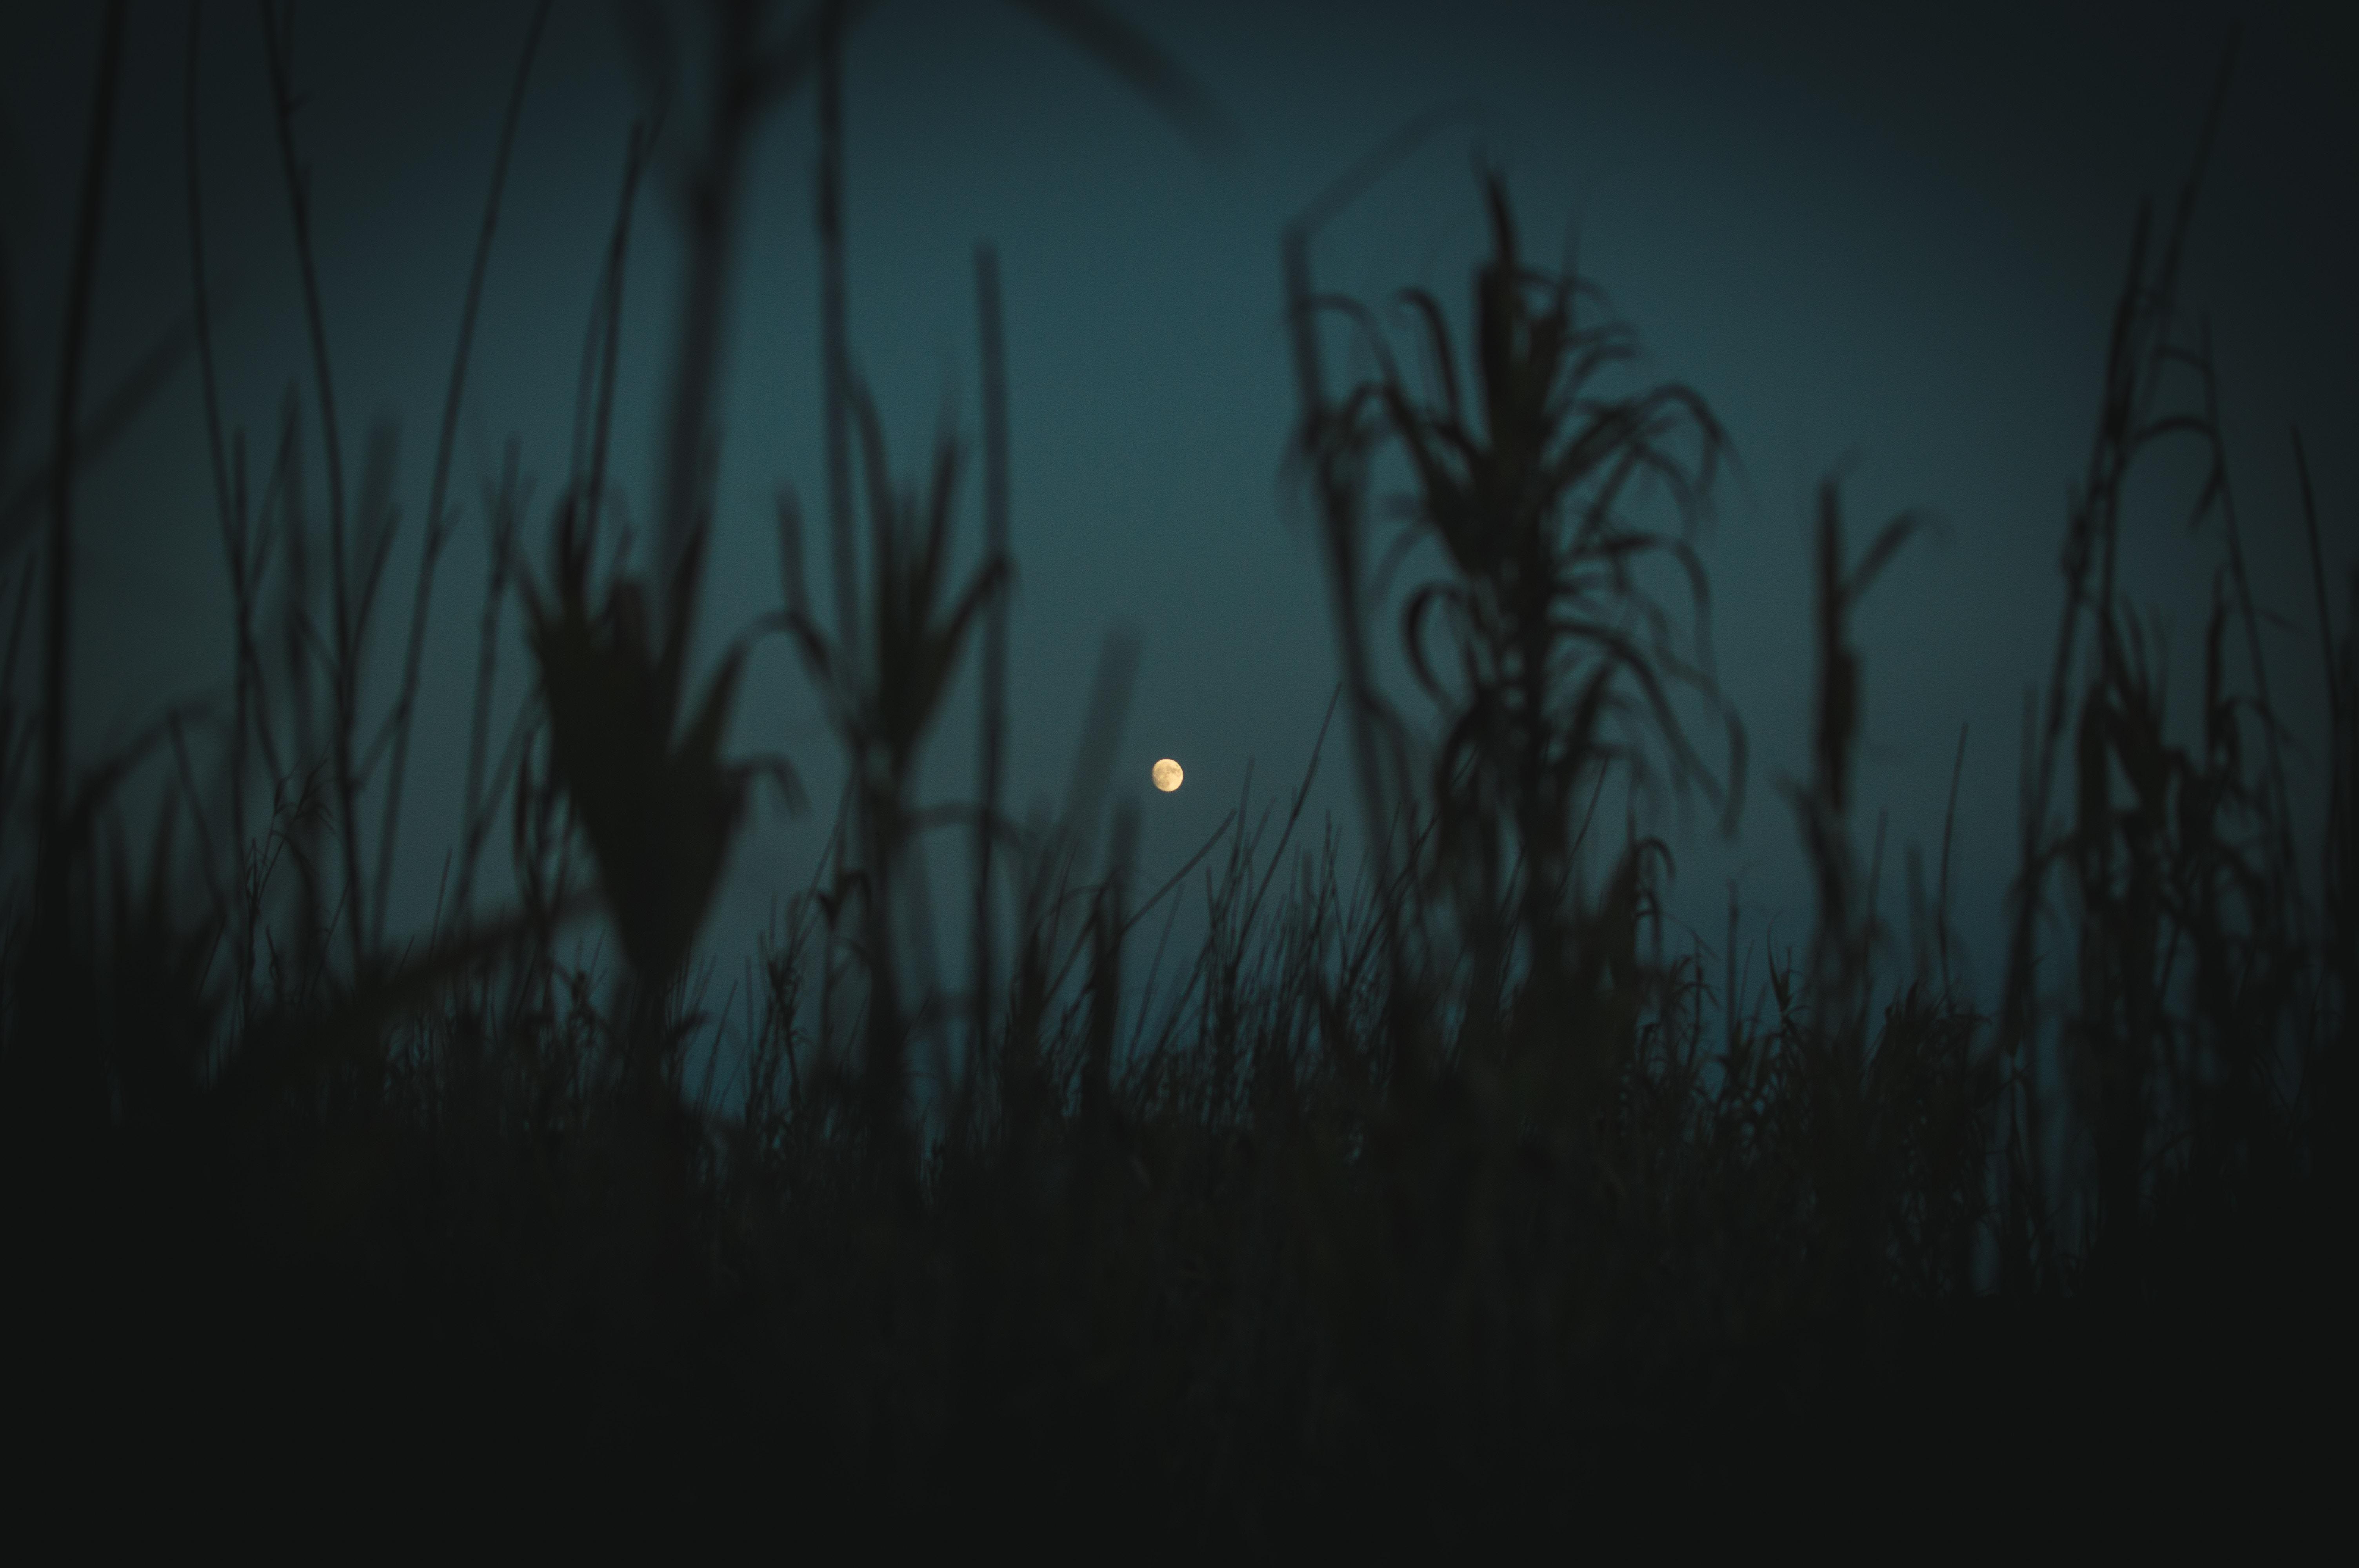 72595 скачать обои Темные, Ночь, Луна, Сумерки, Трава, Растения, Очертания - заставки и картинки бесплатно